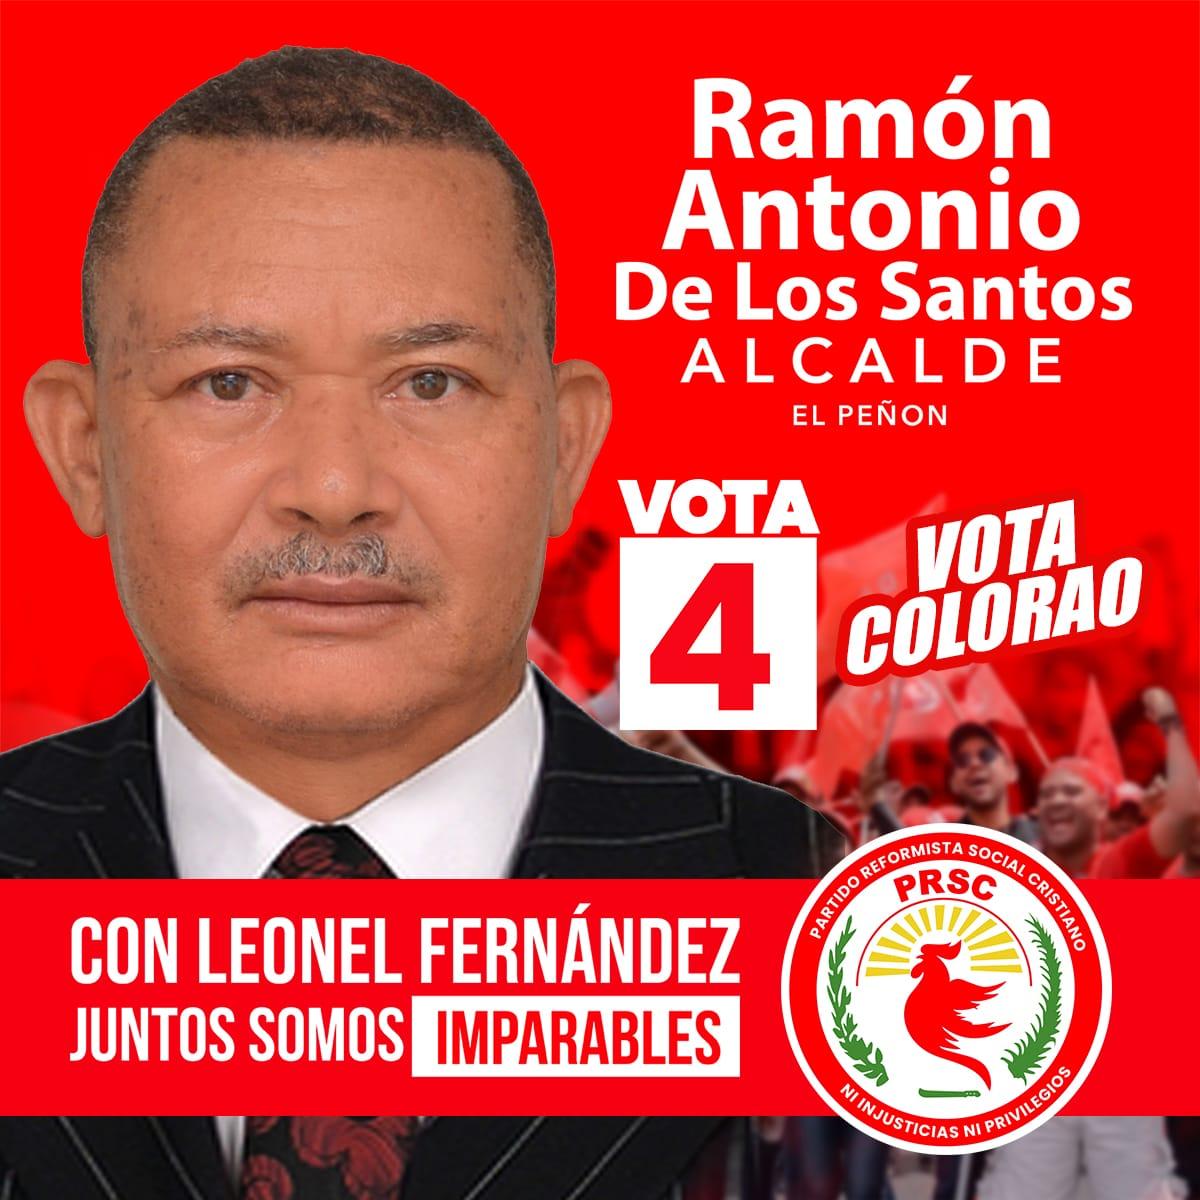 El renovado @partidoprsc y su presidente @quiqueantun junto al candidato presidencial @leonelfernandez y todos los aliados presentan al candidato a la alcaldía de El Peñón, Ramón Antonio De Los Santos ¡VOTA COLORAO! ¡A paso de vencedores! pic.twitter.com/fqwGBz0PYI